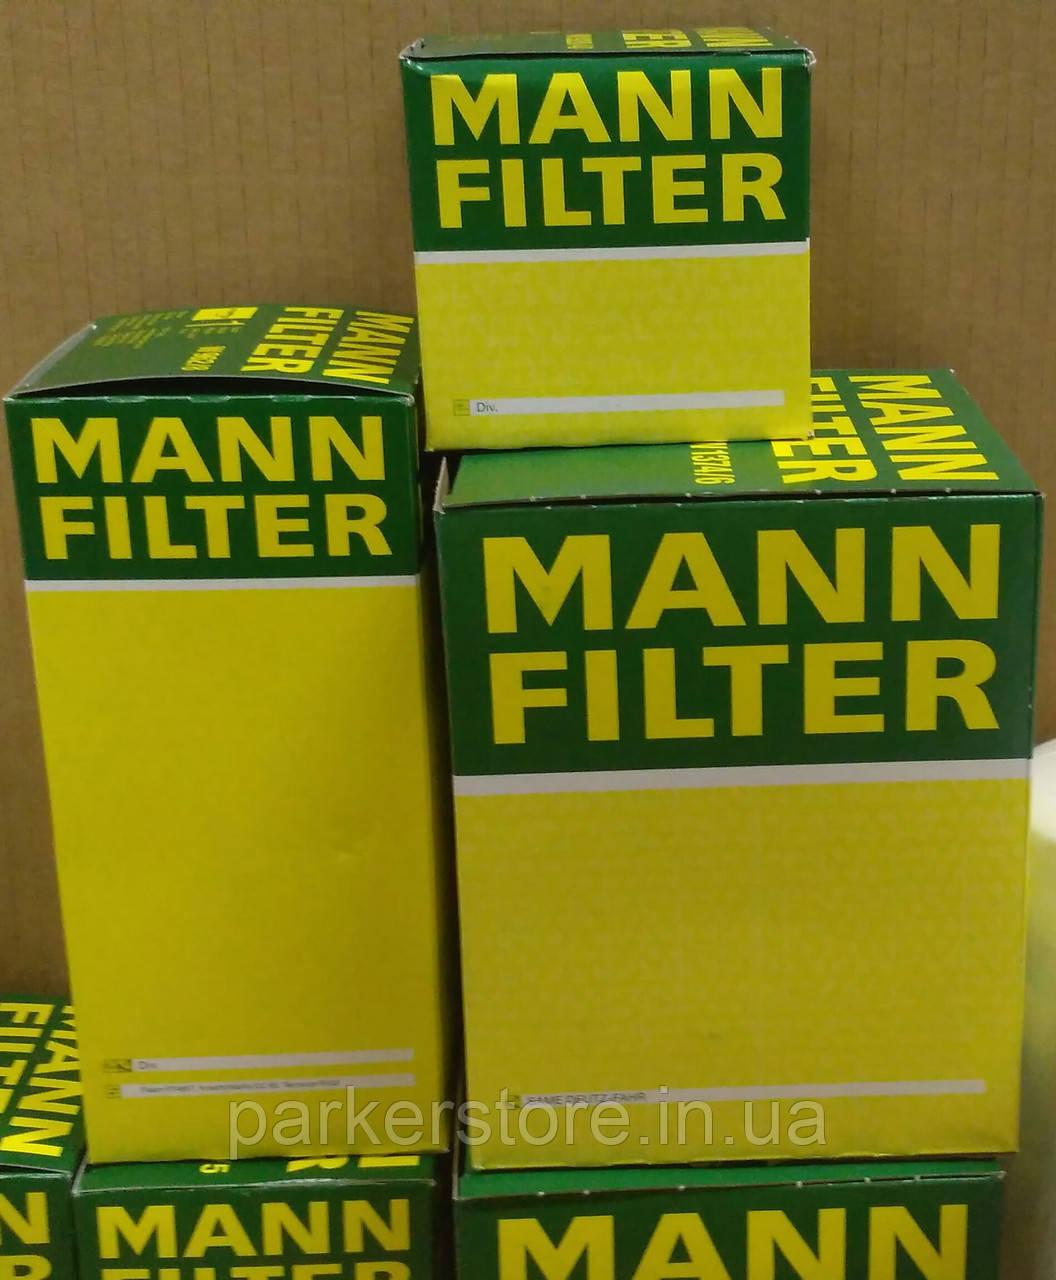 MANN FILTER / Повітряний фільтр / C 27 108 / C27108